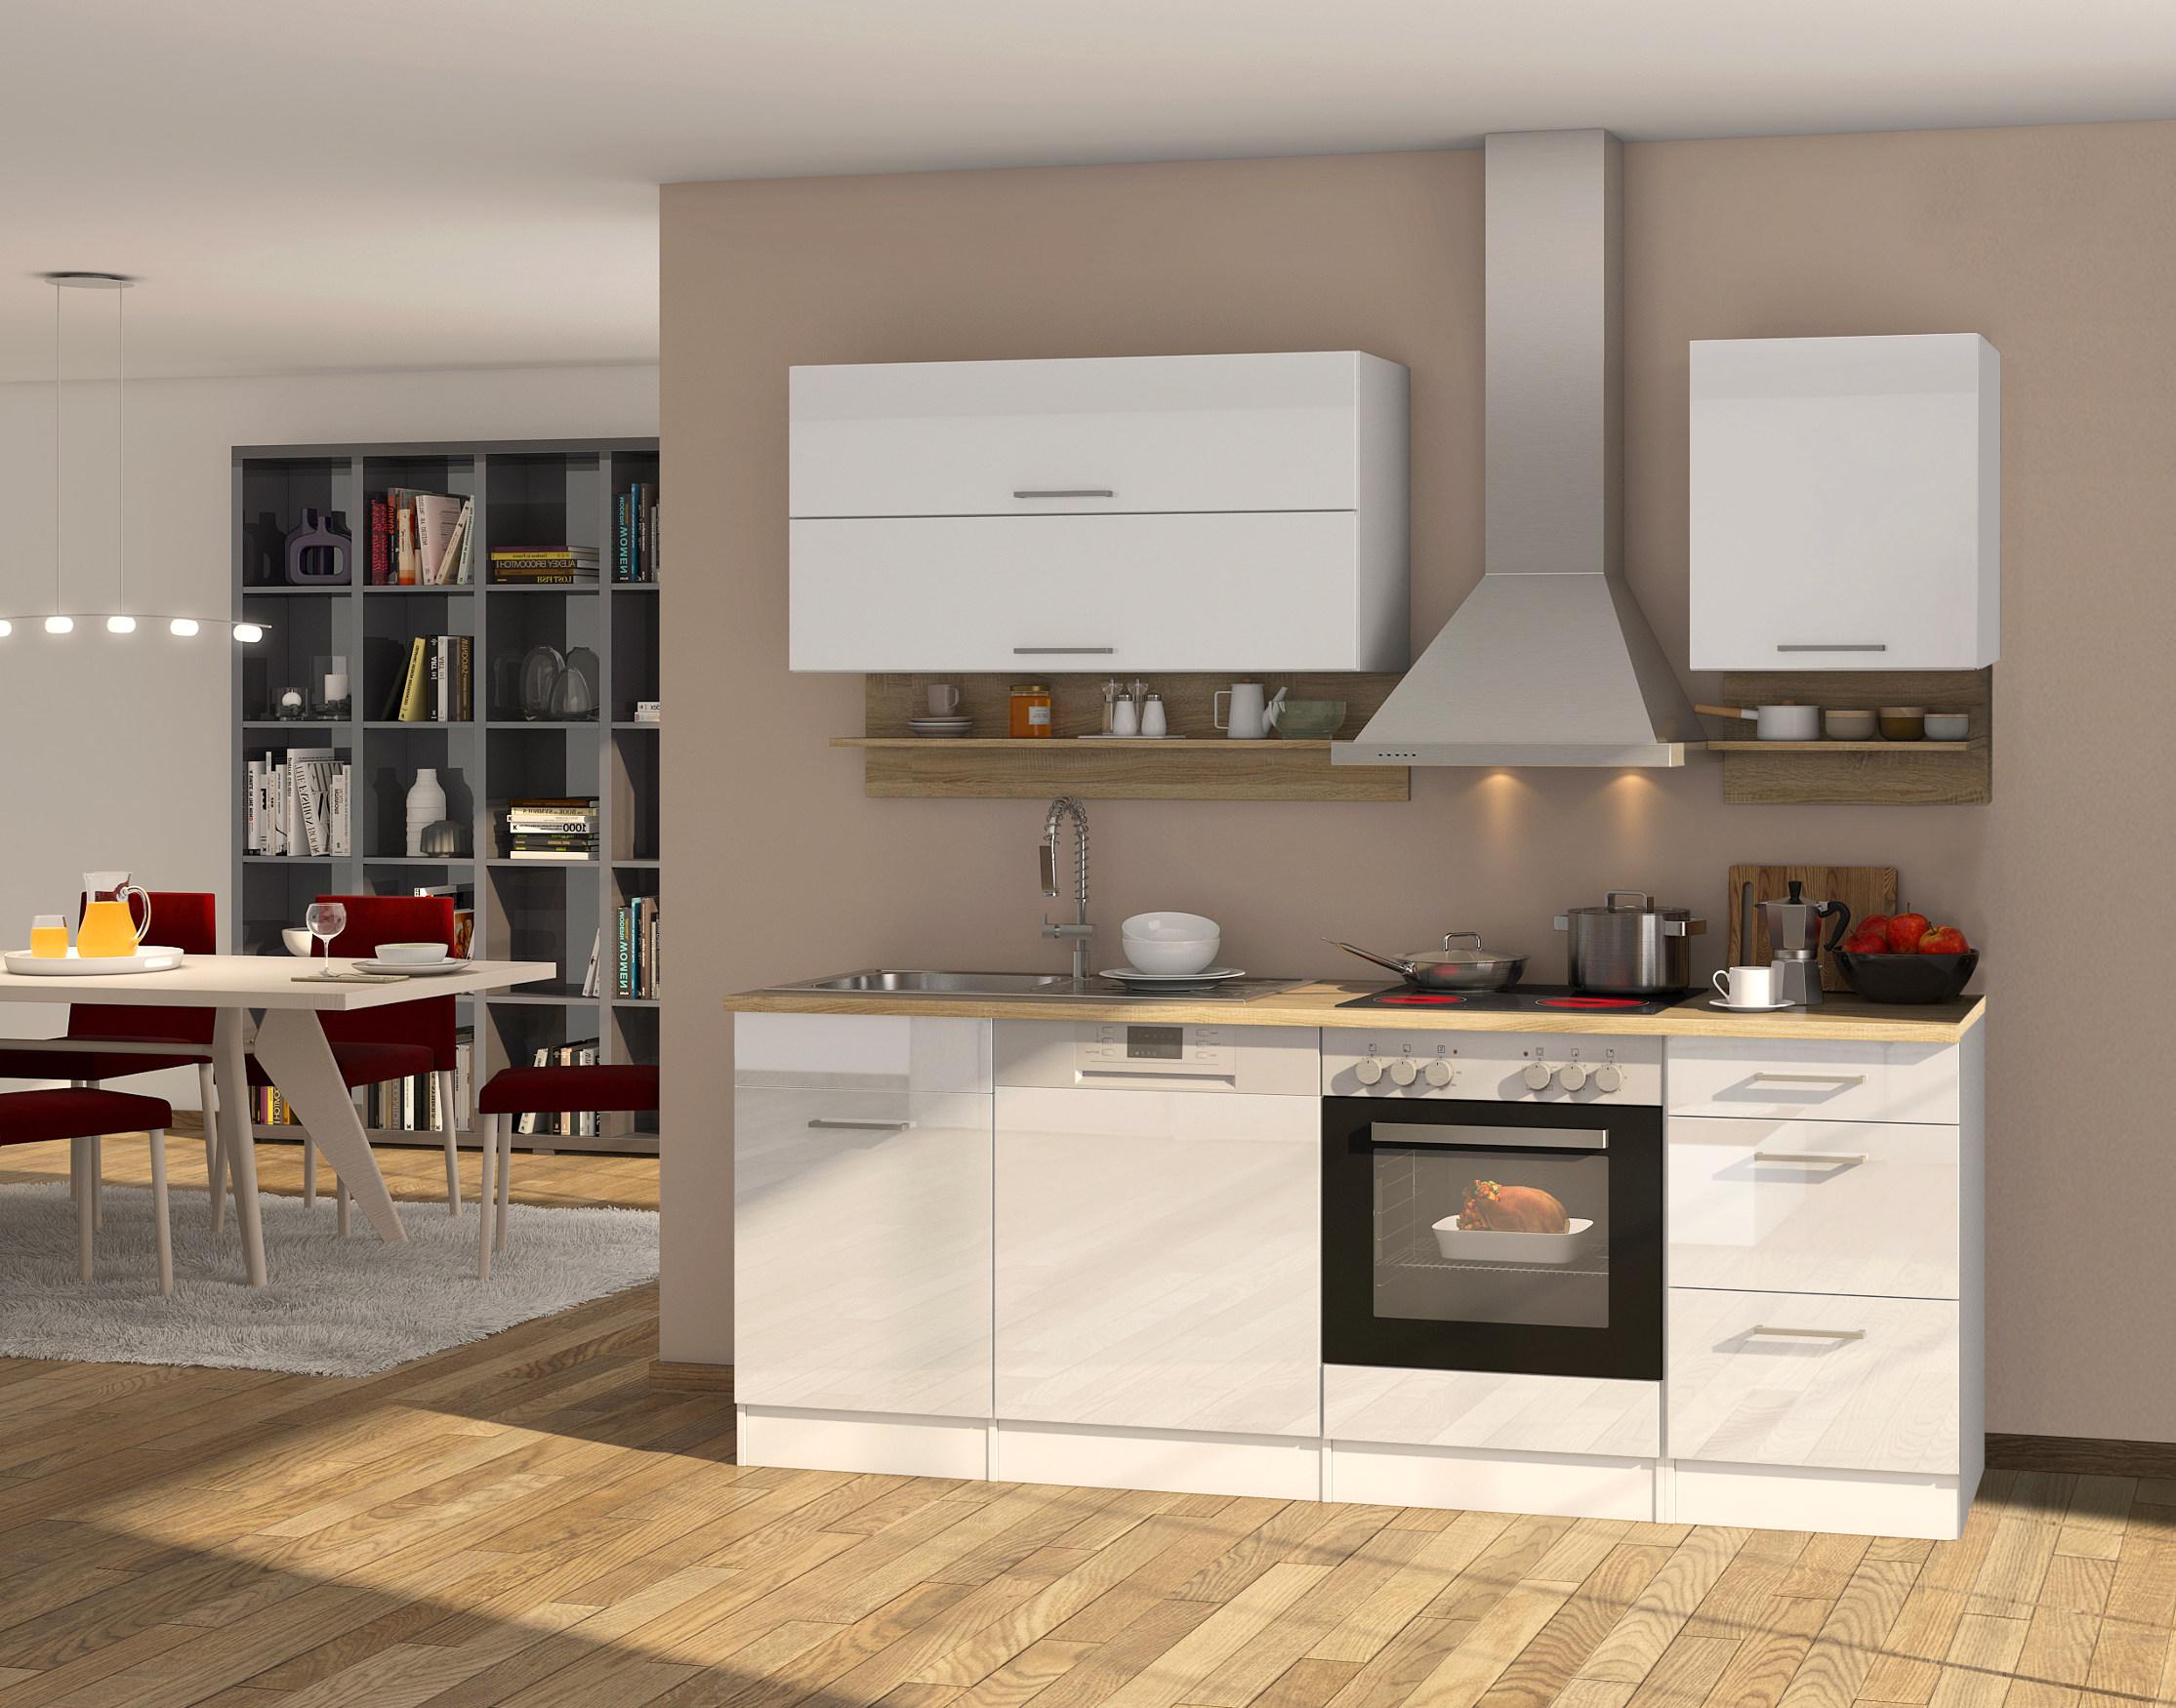 Full Size of Einbauküche Elektrogeräte Set Einbauküchen Mit Elektrogeräten Ohne Kühlschrank Einbauküche Mit Elektrogeräten Gebraucht Kaufen Einbauküche 240 Cm Mit Elektrogeräten Küche Einbauküche Mit Elektrogeräten